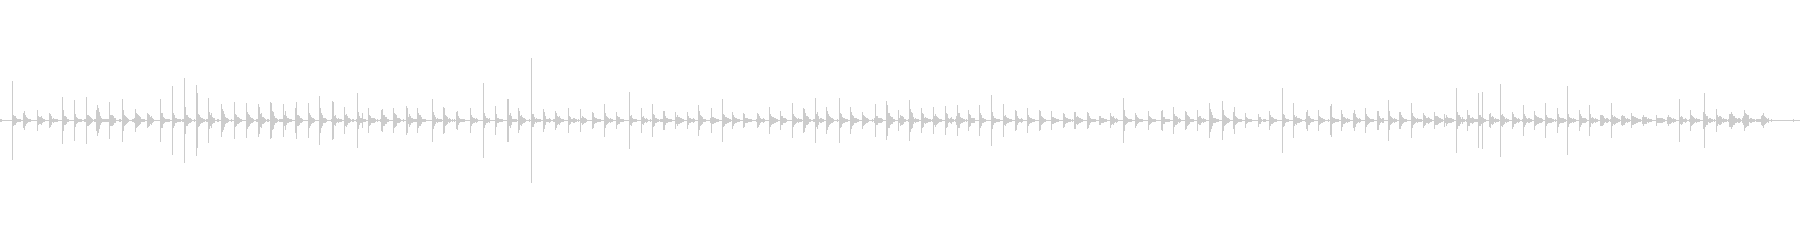 バイノーラル足音走るスニーカー女性右の未再生の波形